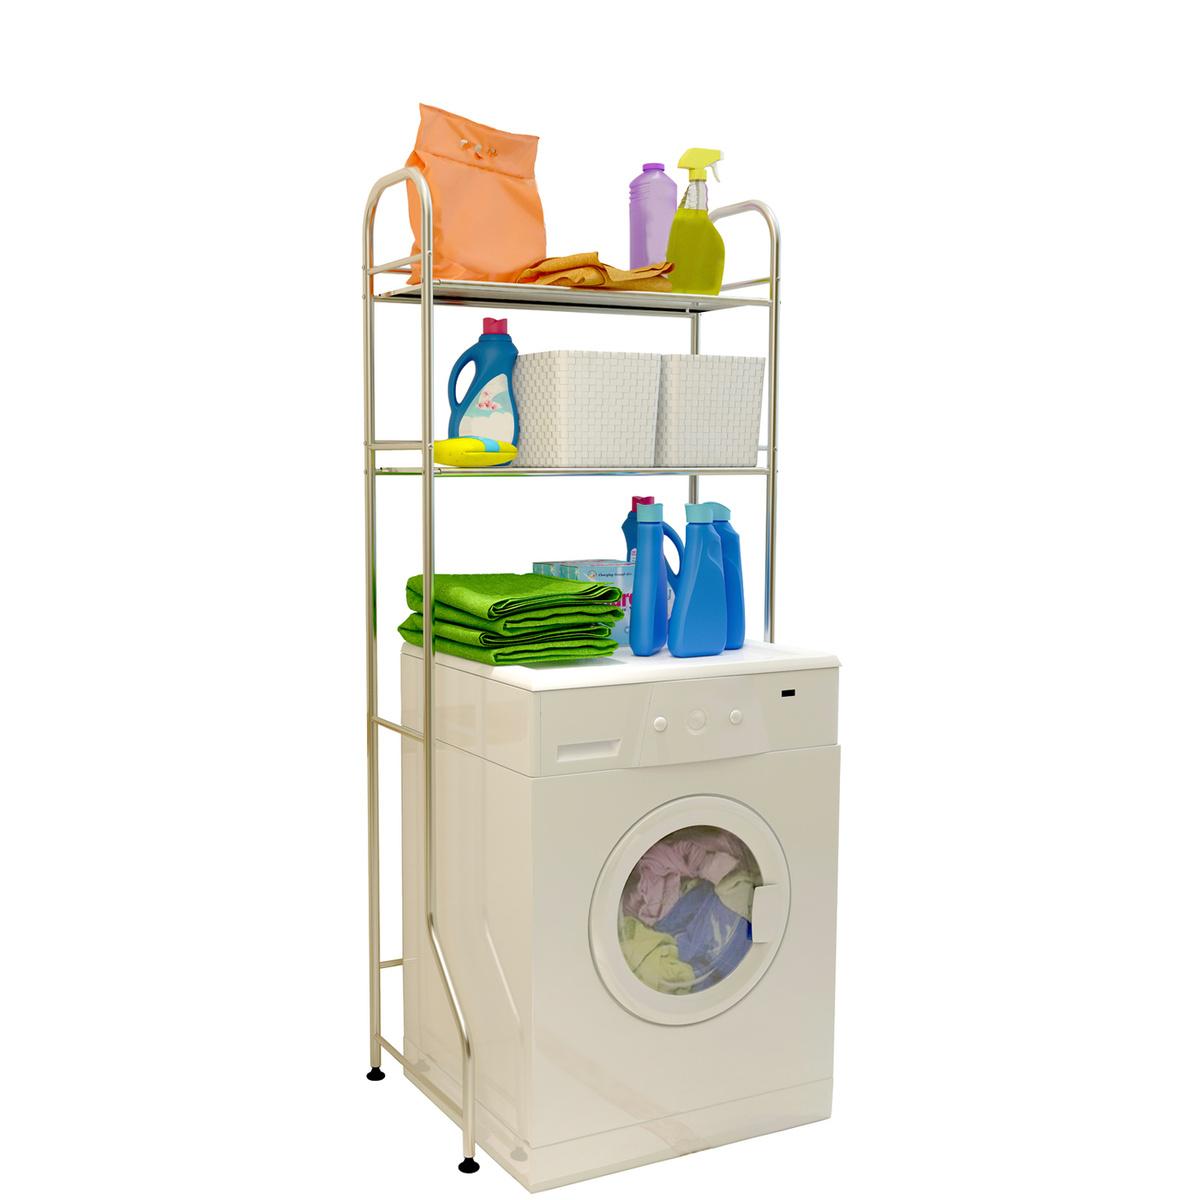 Полка для стиральной машины Gromell DENNA #1